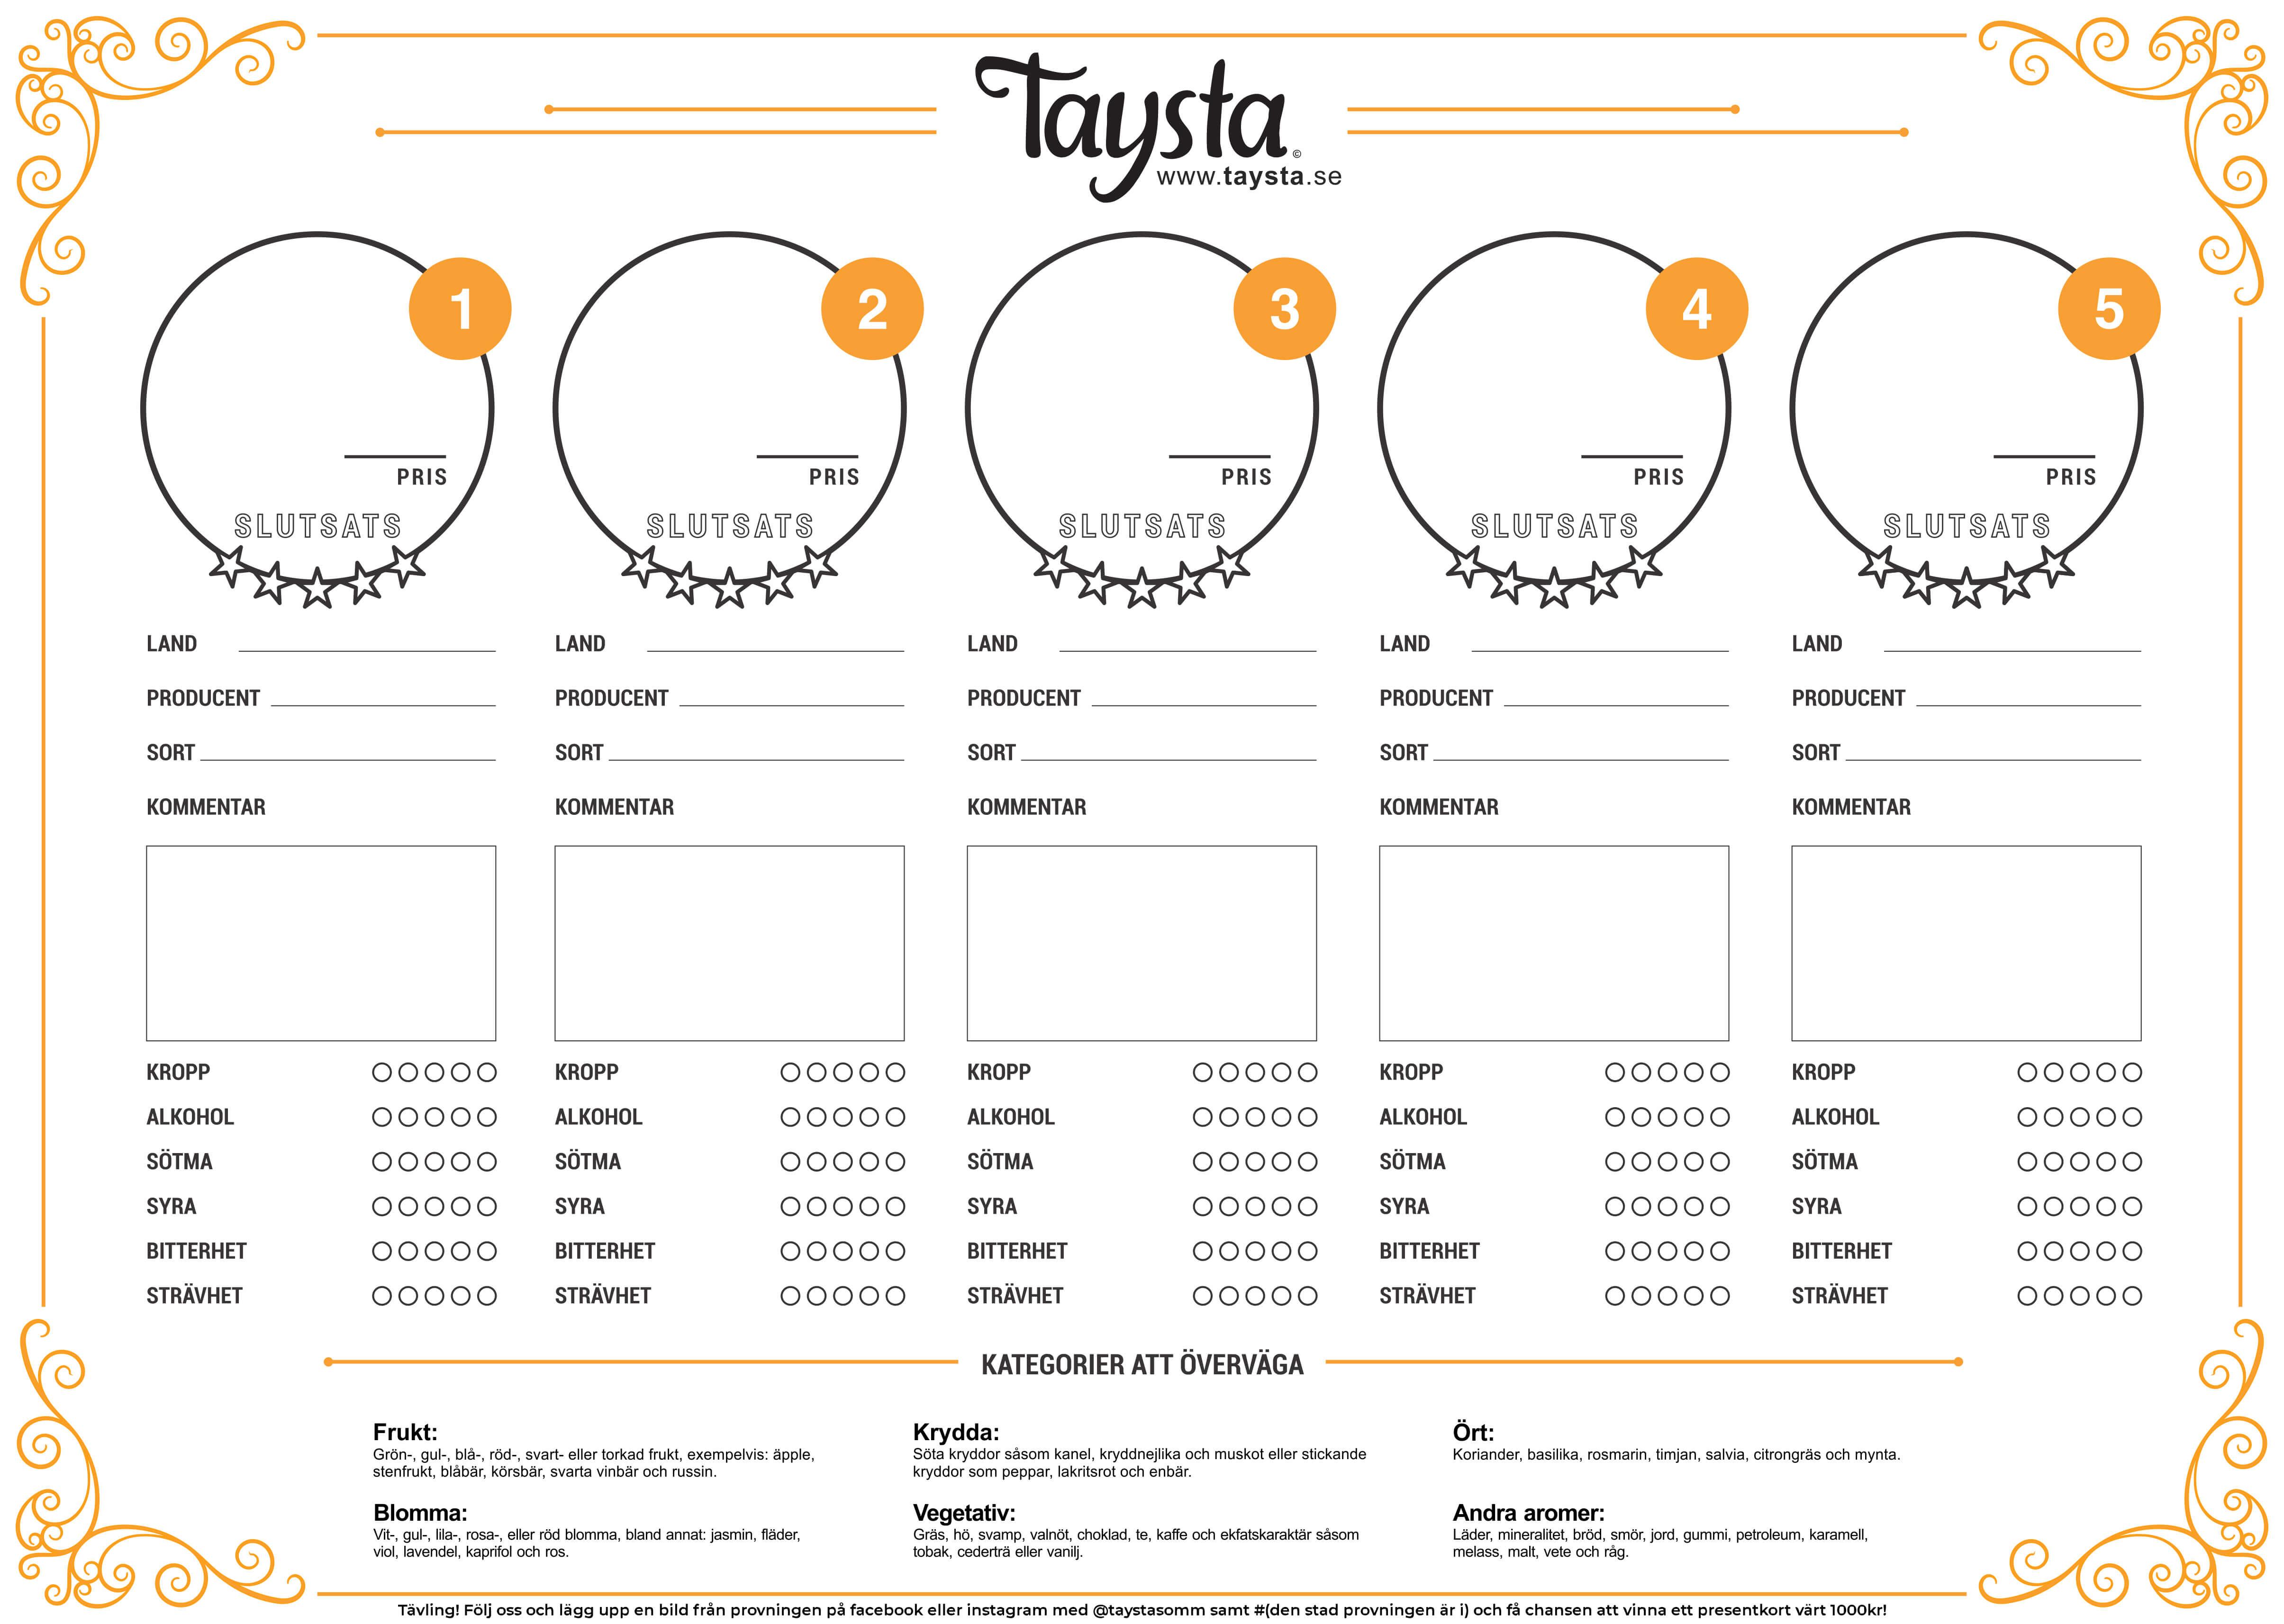 Vinprovningsprotokoll från Taysta med doft, smak och analys